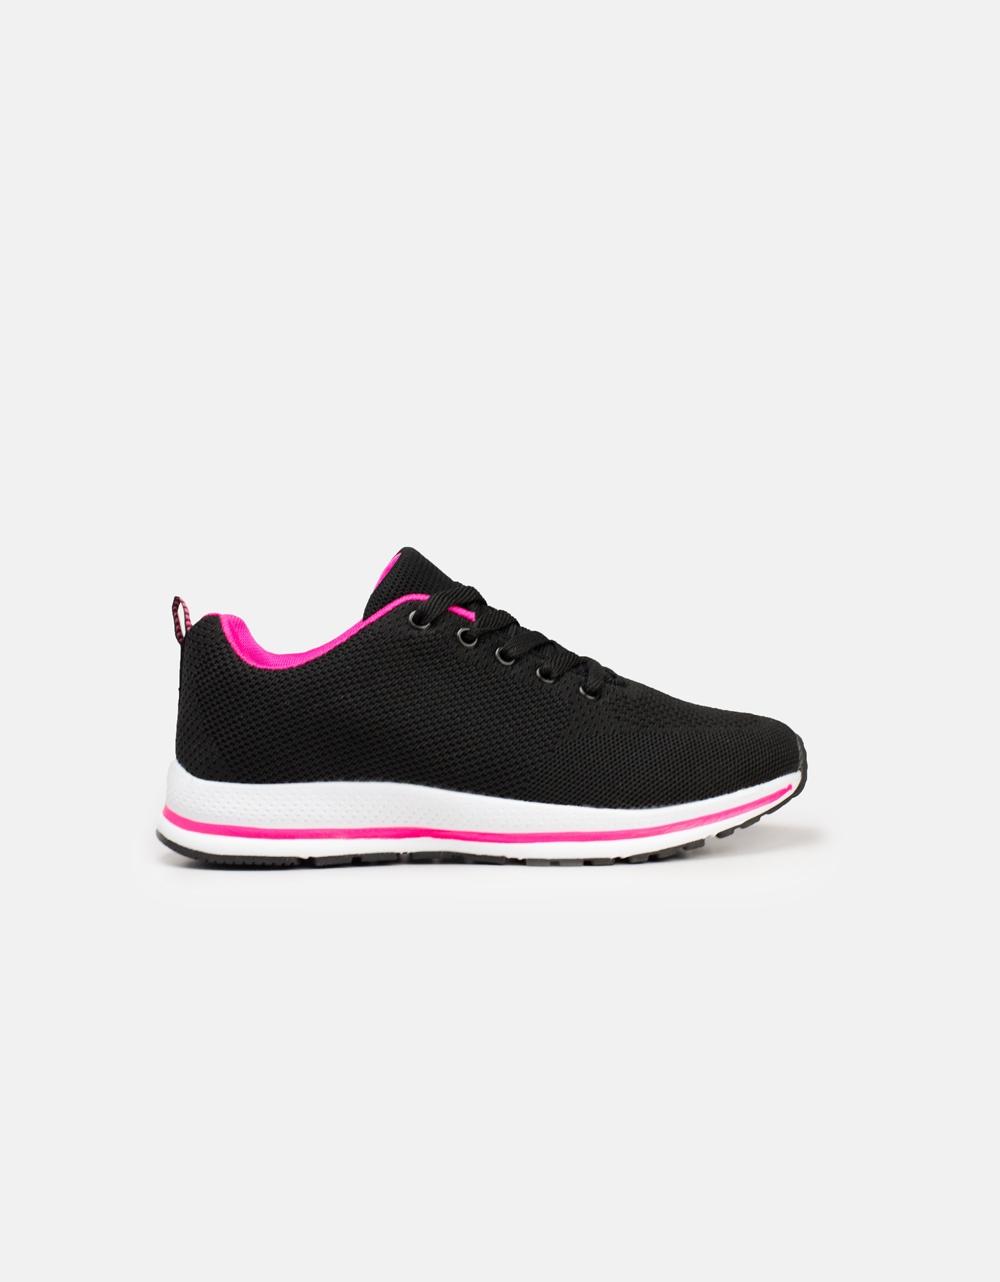 Εικόνα από Γυναικεία sneaker με δίχρωμες λεπτομέρειες Μαύρο/Ροζ